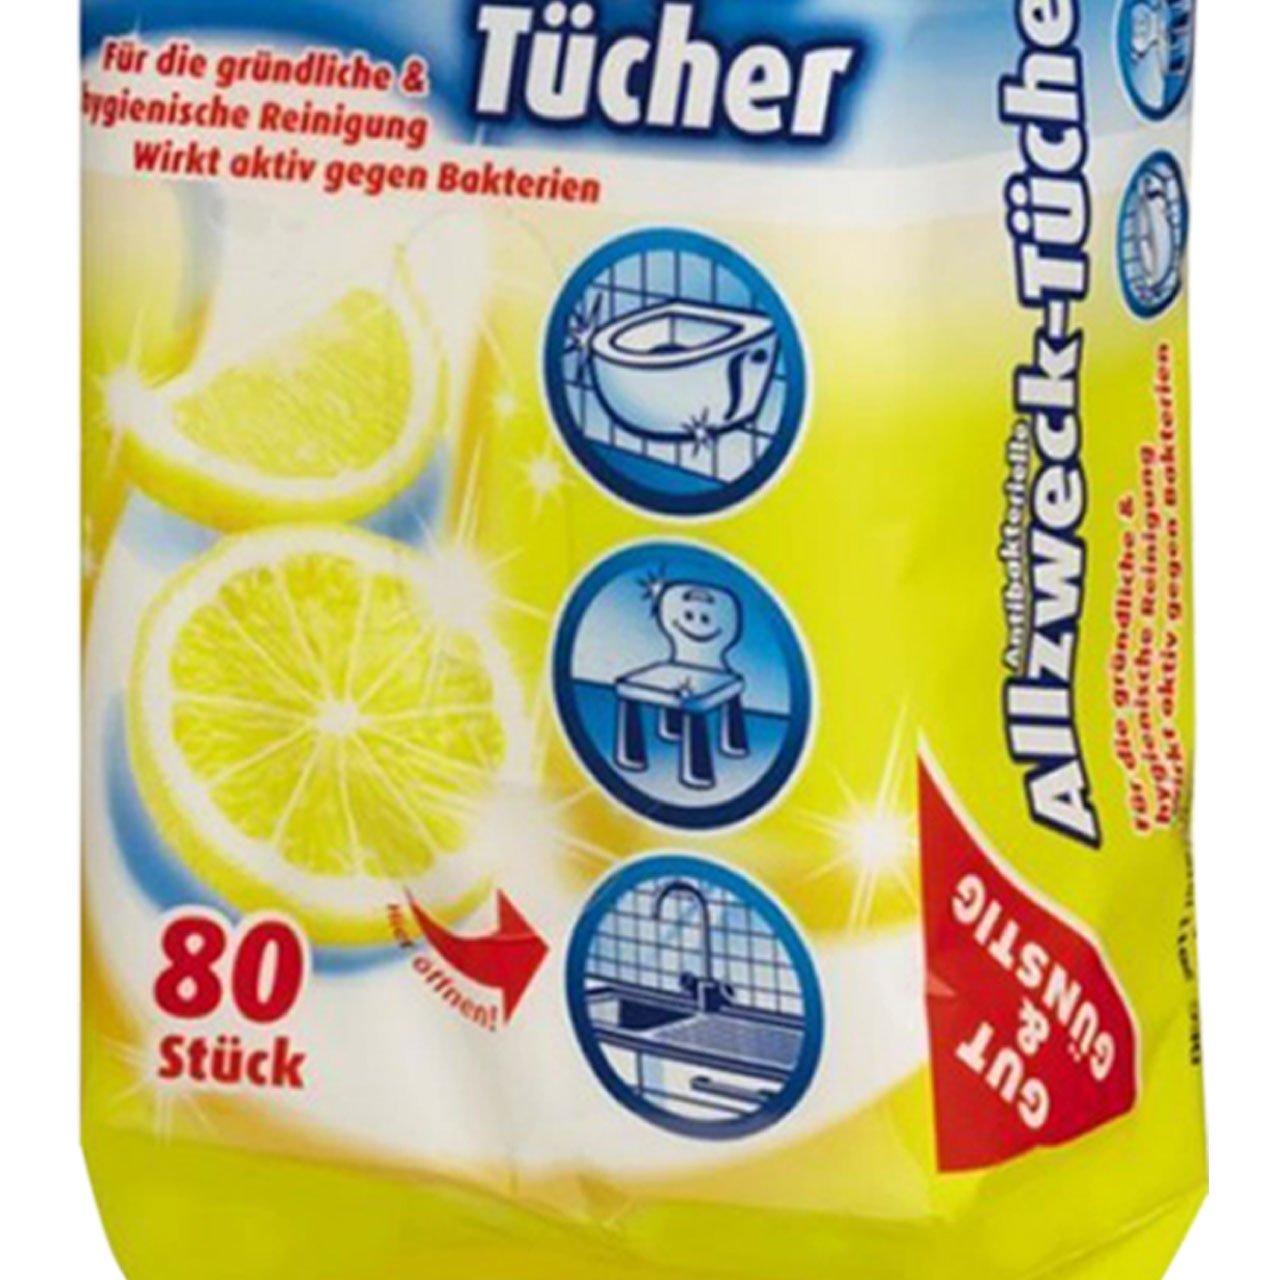 Dispensador de toallitas de limpieza antibacteriano 80 pcs - 3 Pack (contenido 3 x 80 pcs) - con olor aroma a limón: Amazon.es: Hogar